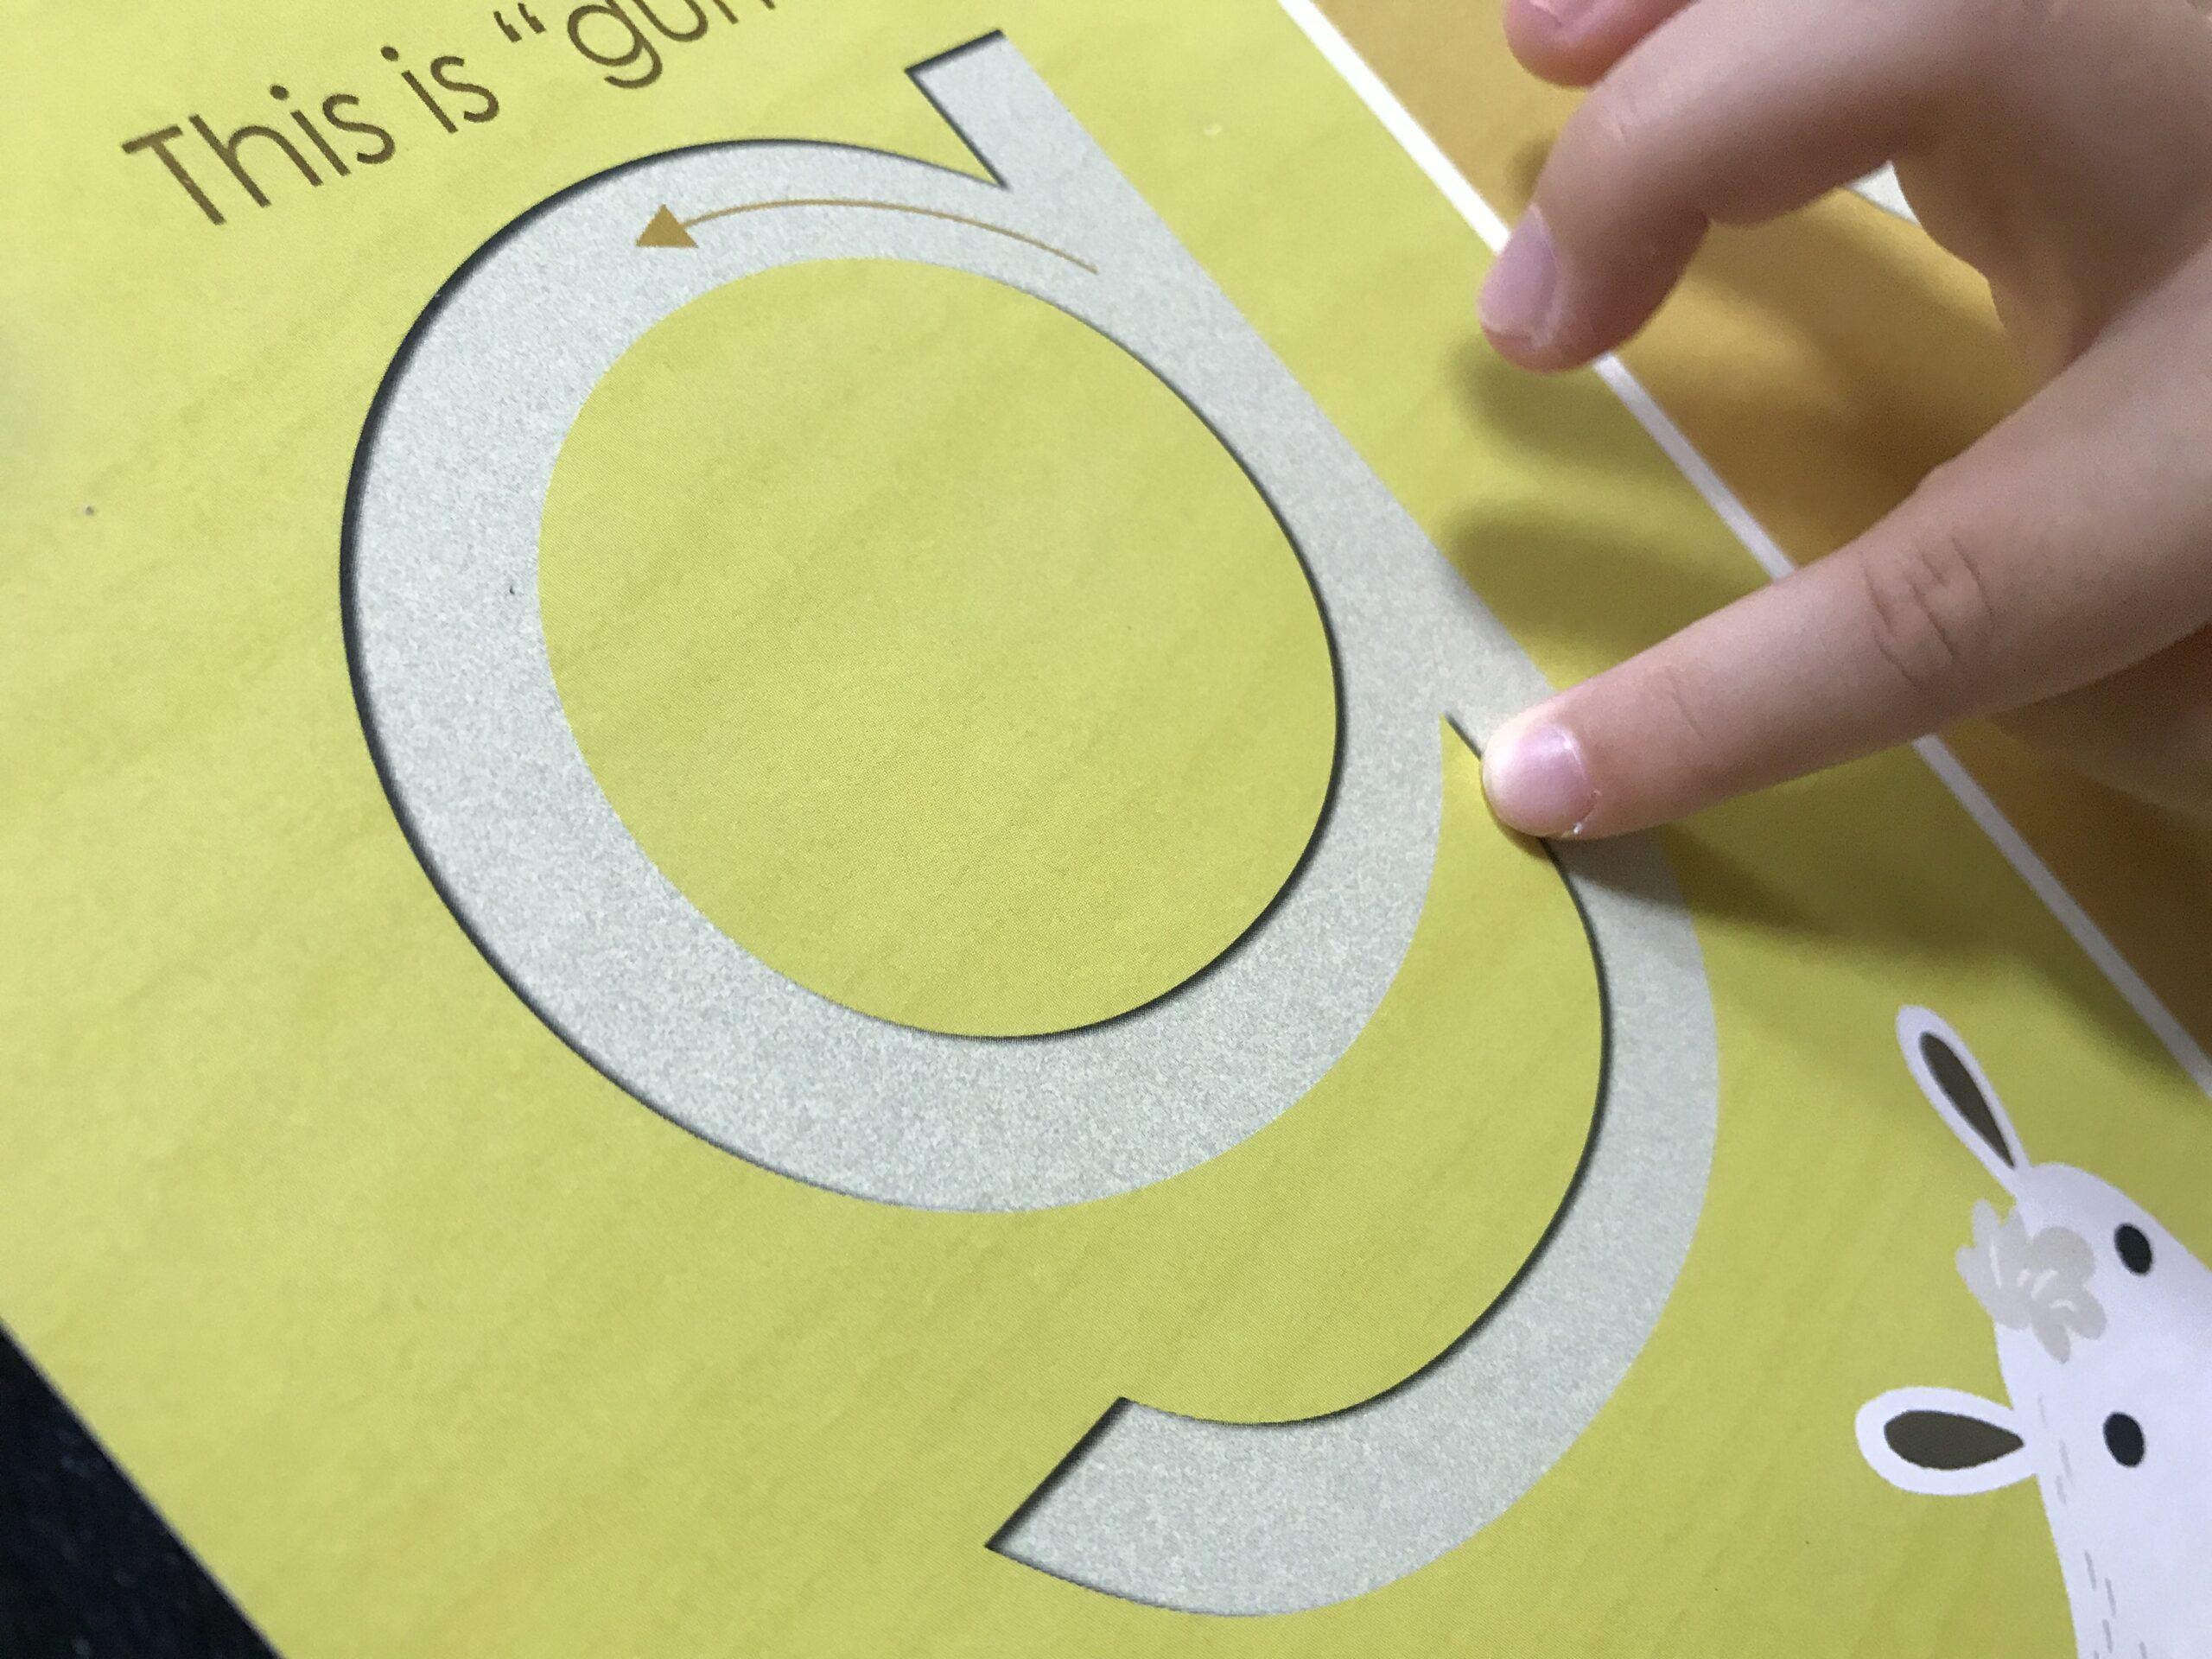 砂文字板として使える本